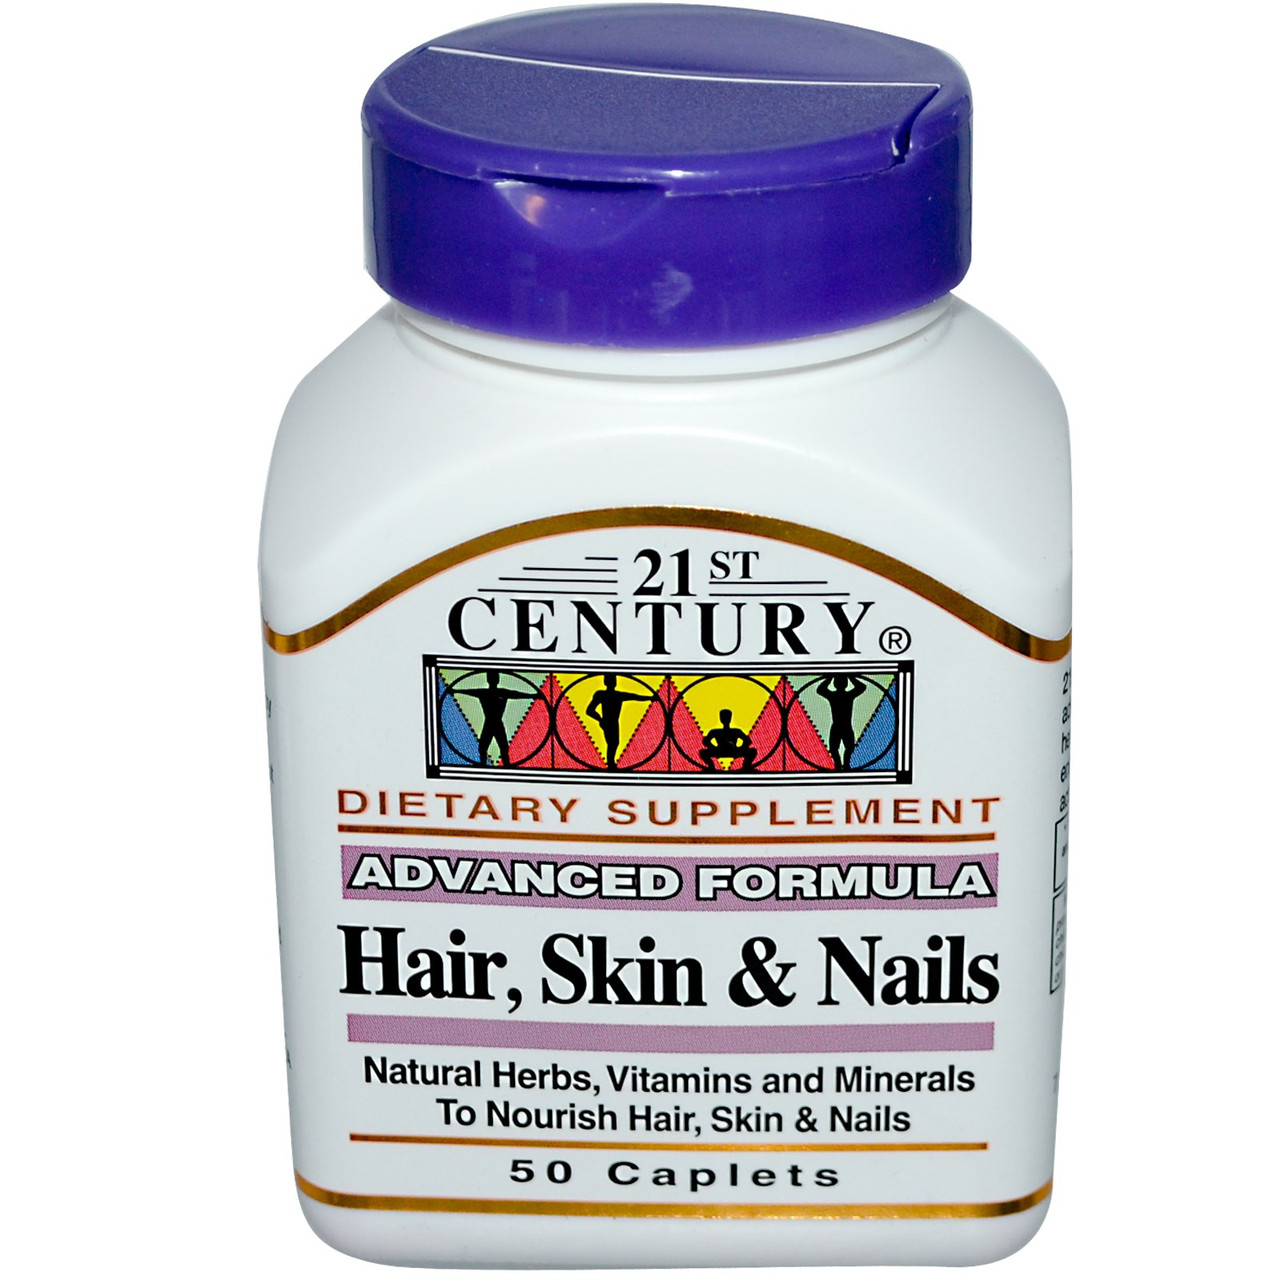 Витамины для волос, кожи и ногтей 21st Century Health Care, Улучшенная формула. Сделано в США.